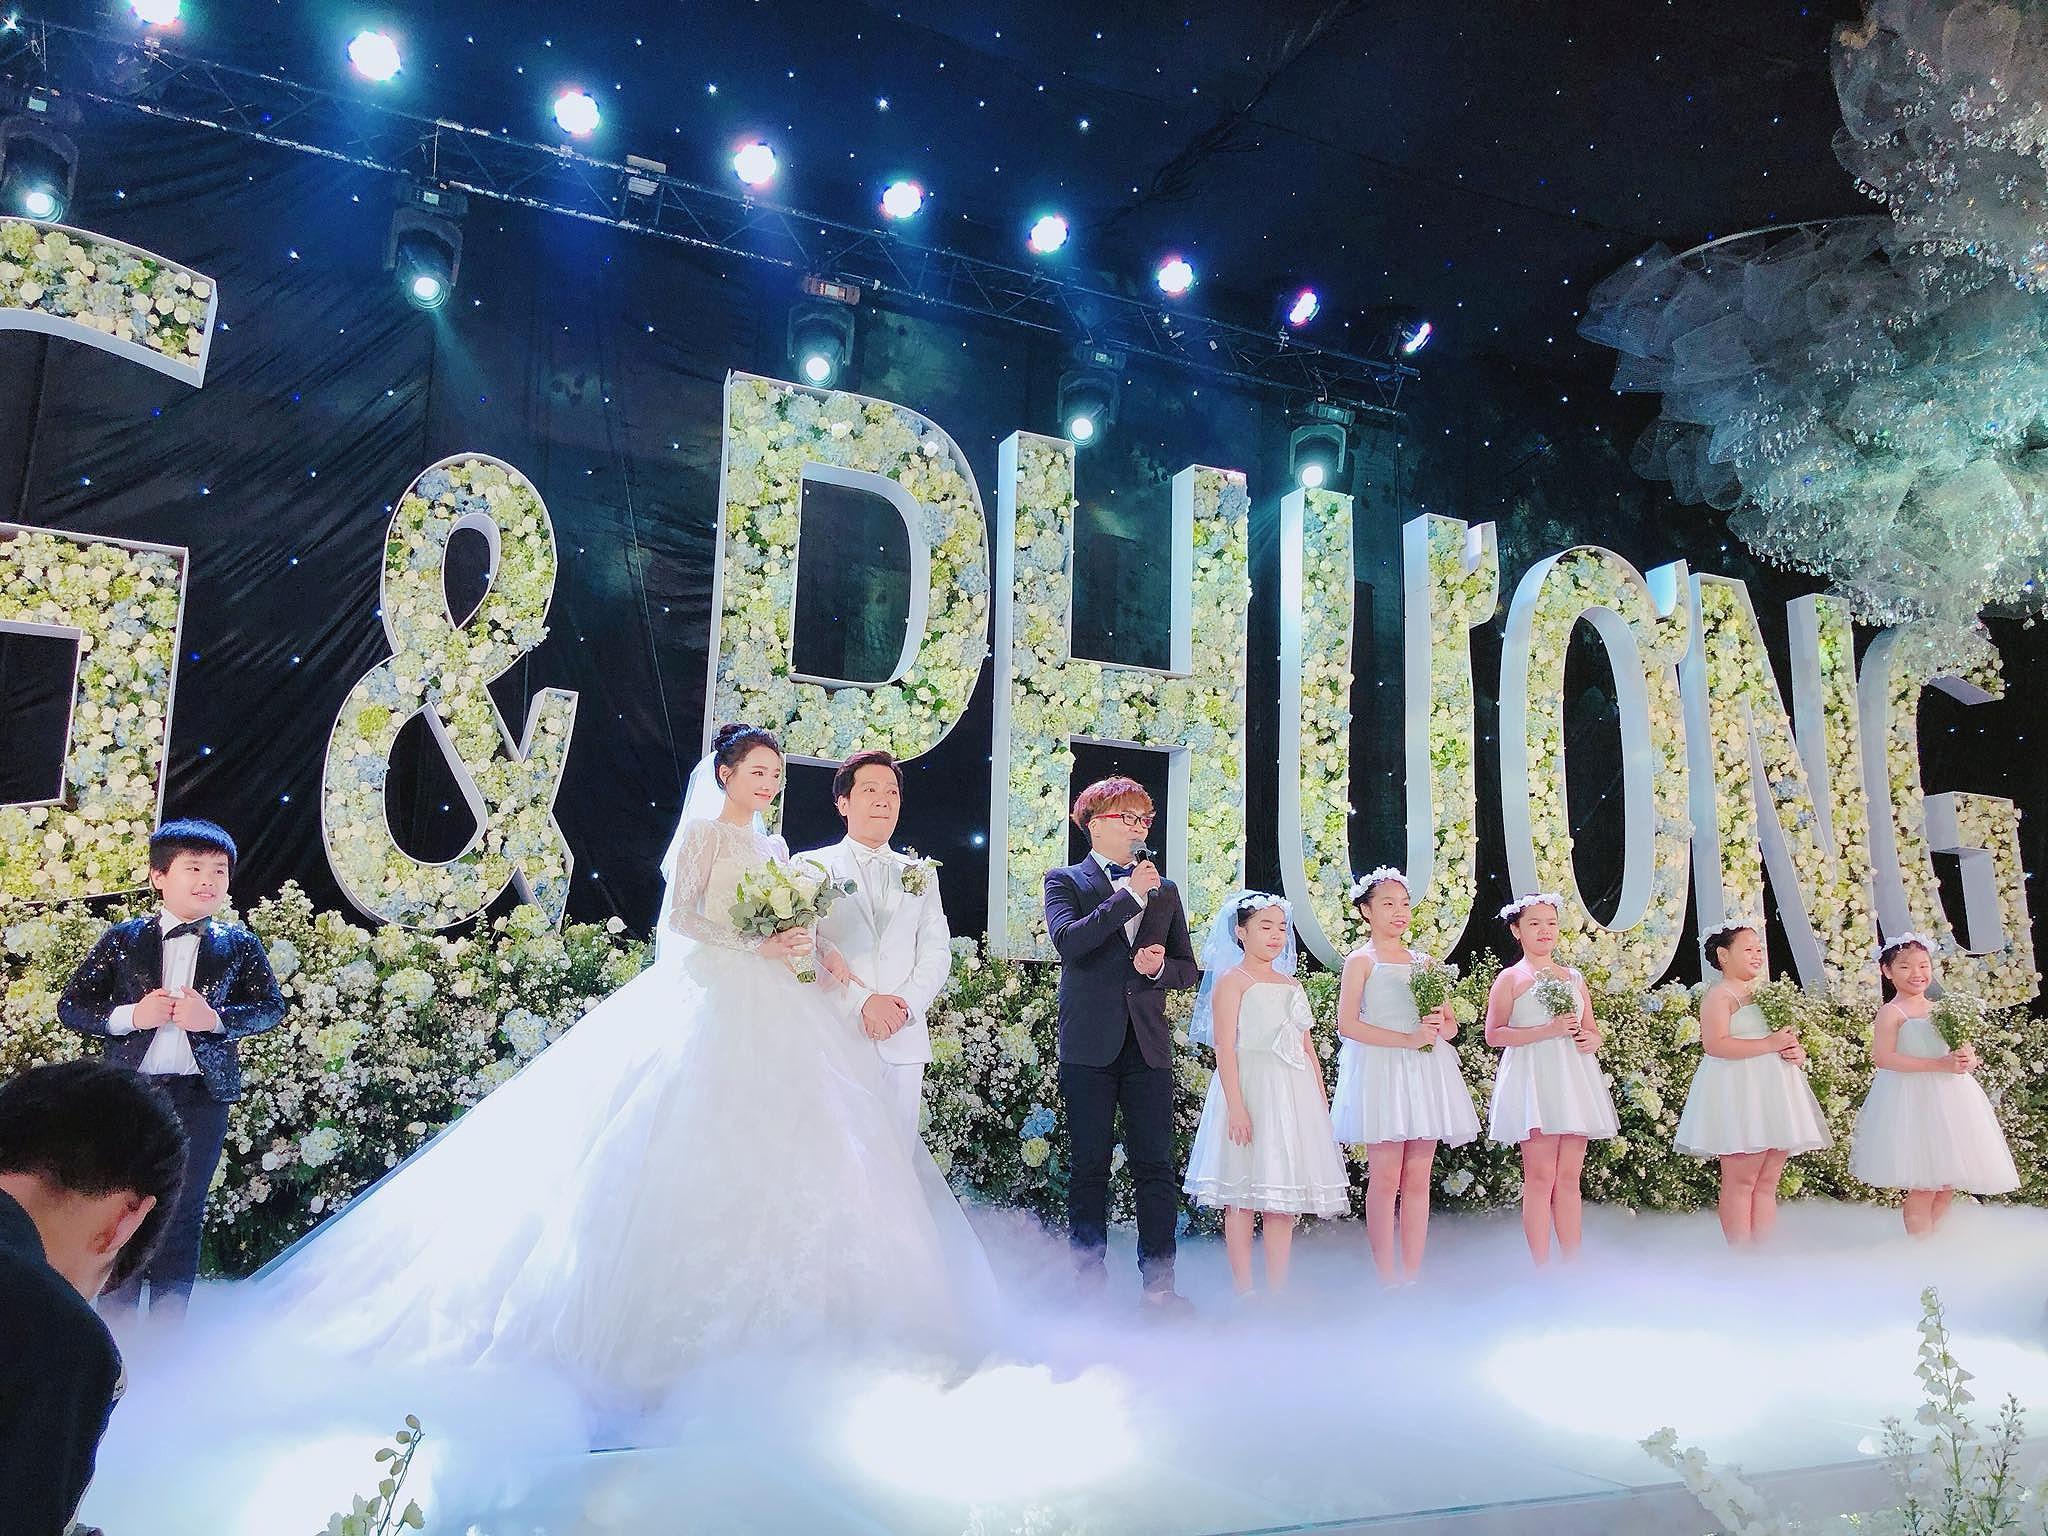 Tiệc cưới đẹp như cổ tích của Nhã Phương, Trường Giang Ảnh 3